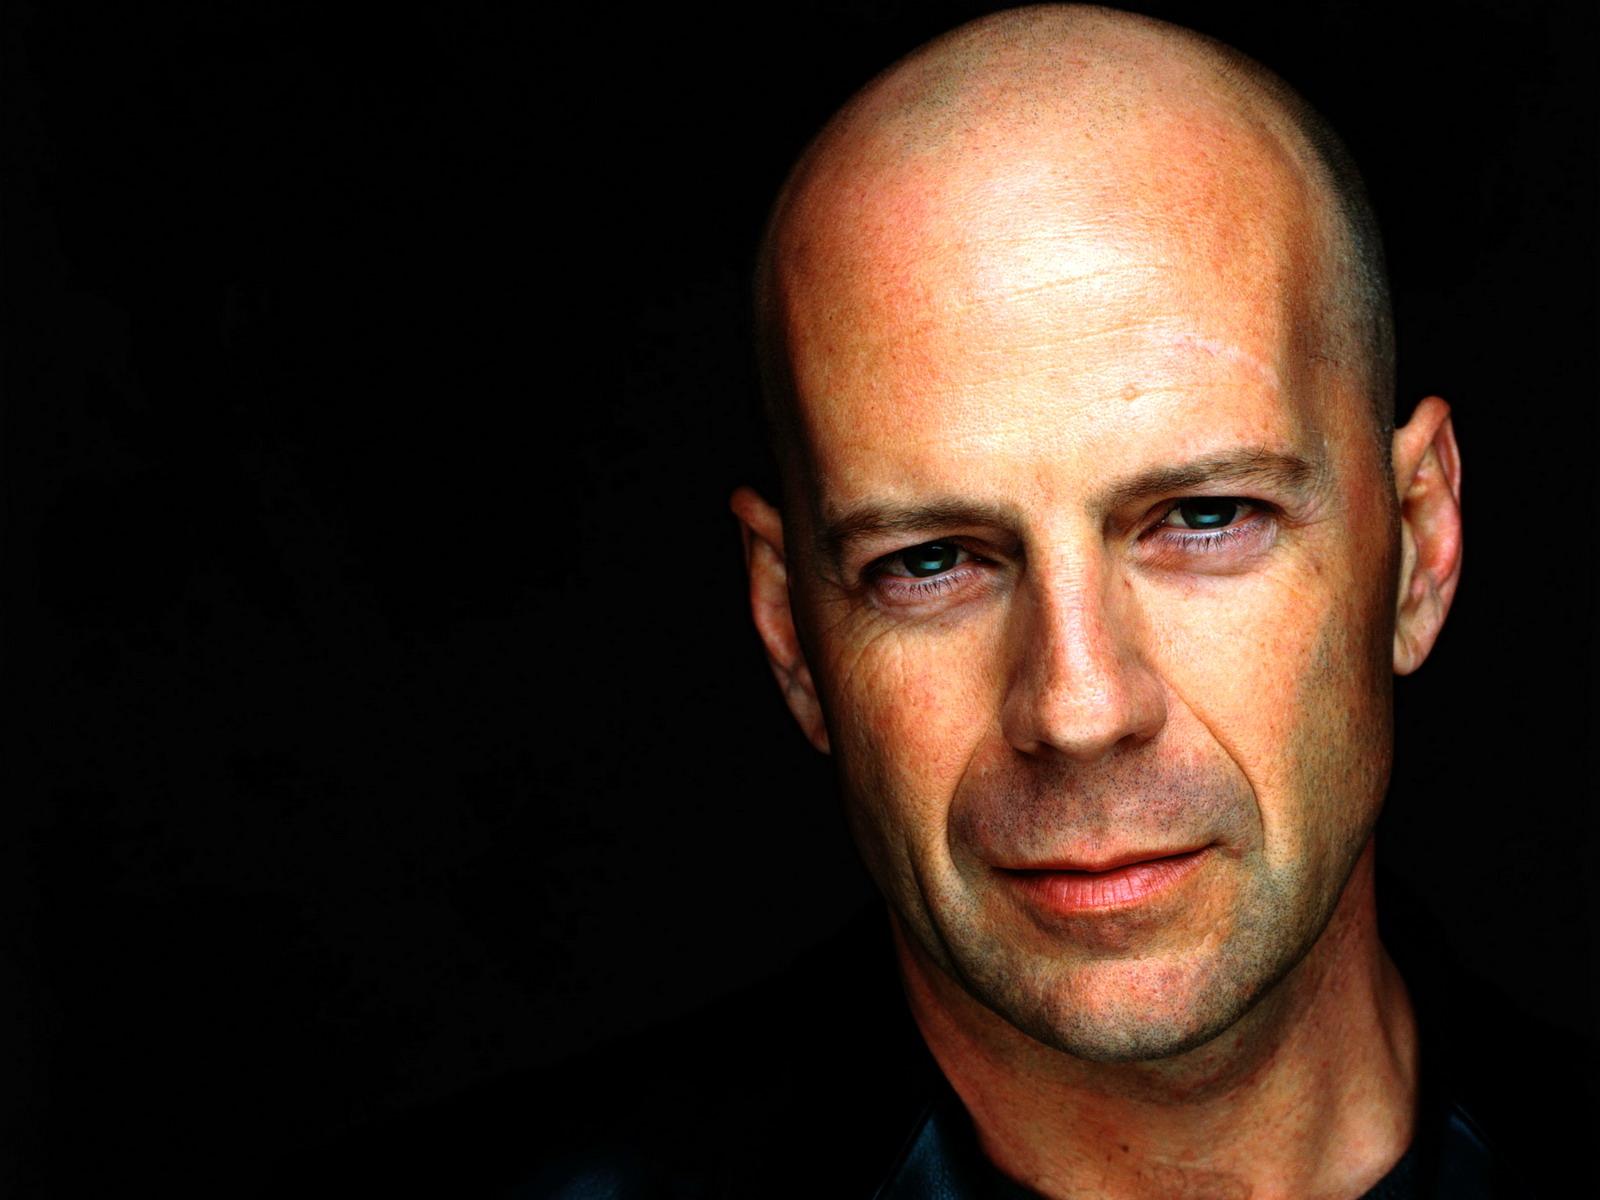 Fonds d'écran Bruce Willis PC et Tablettes (iPad, etc...)